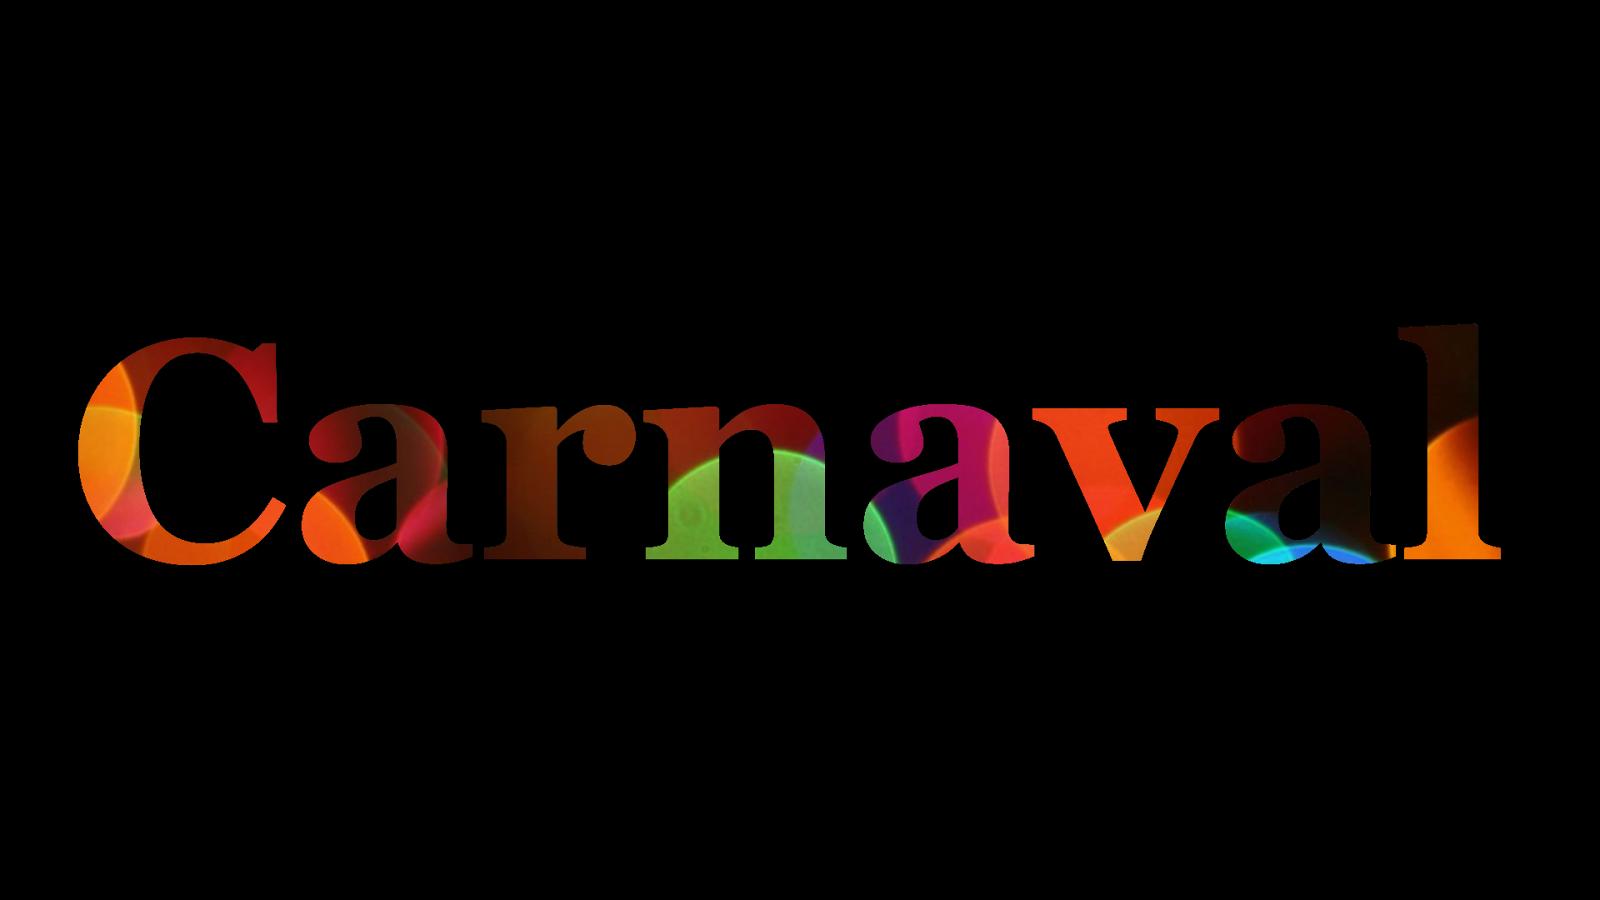 Nome Carnaval 2_fundo preto 1920 x 1080